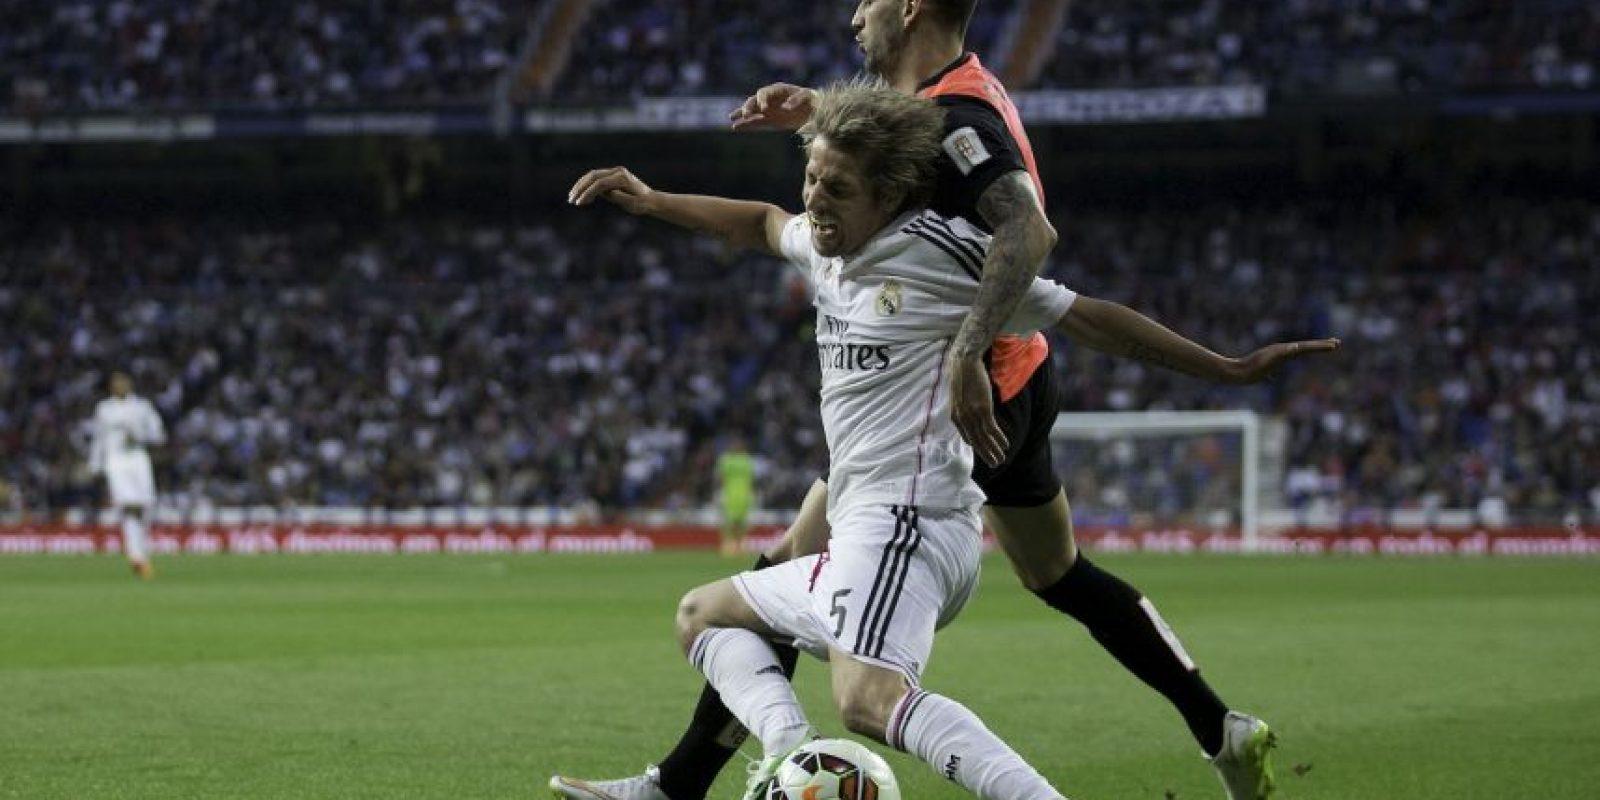 Coentrao buscó la complicidad de Iker Casillas, arquero titular, en su burla a Navas… ¿Qué hizo el español? Foto:Getty Images